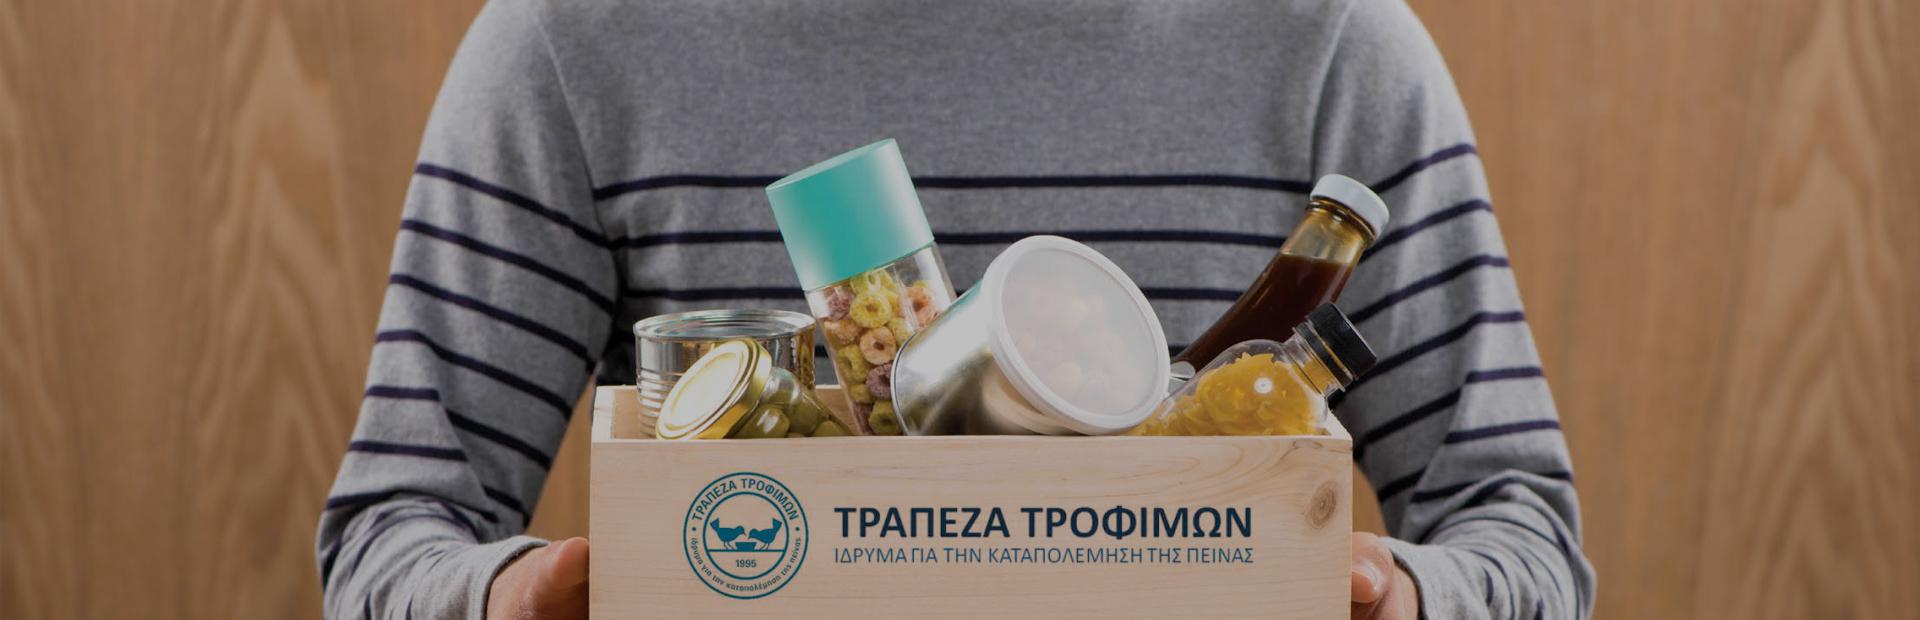 trapeza-trofimon